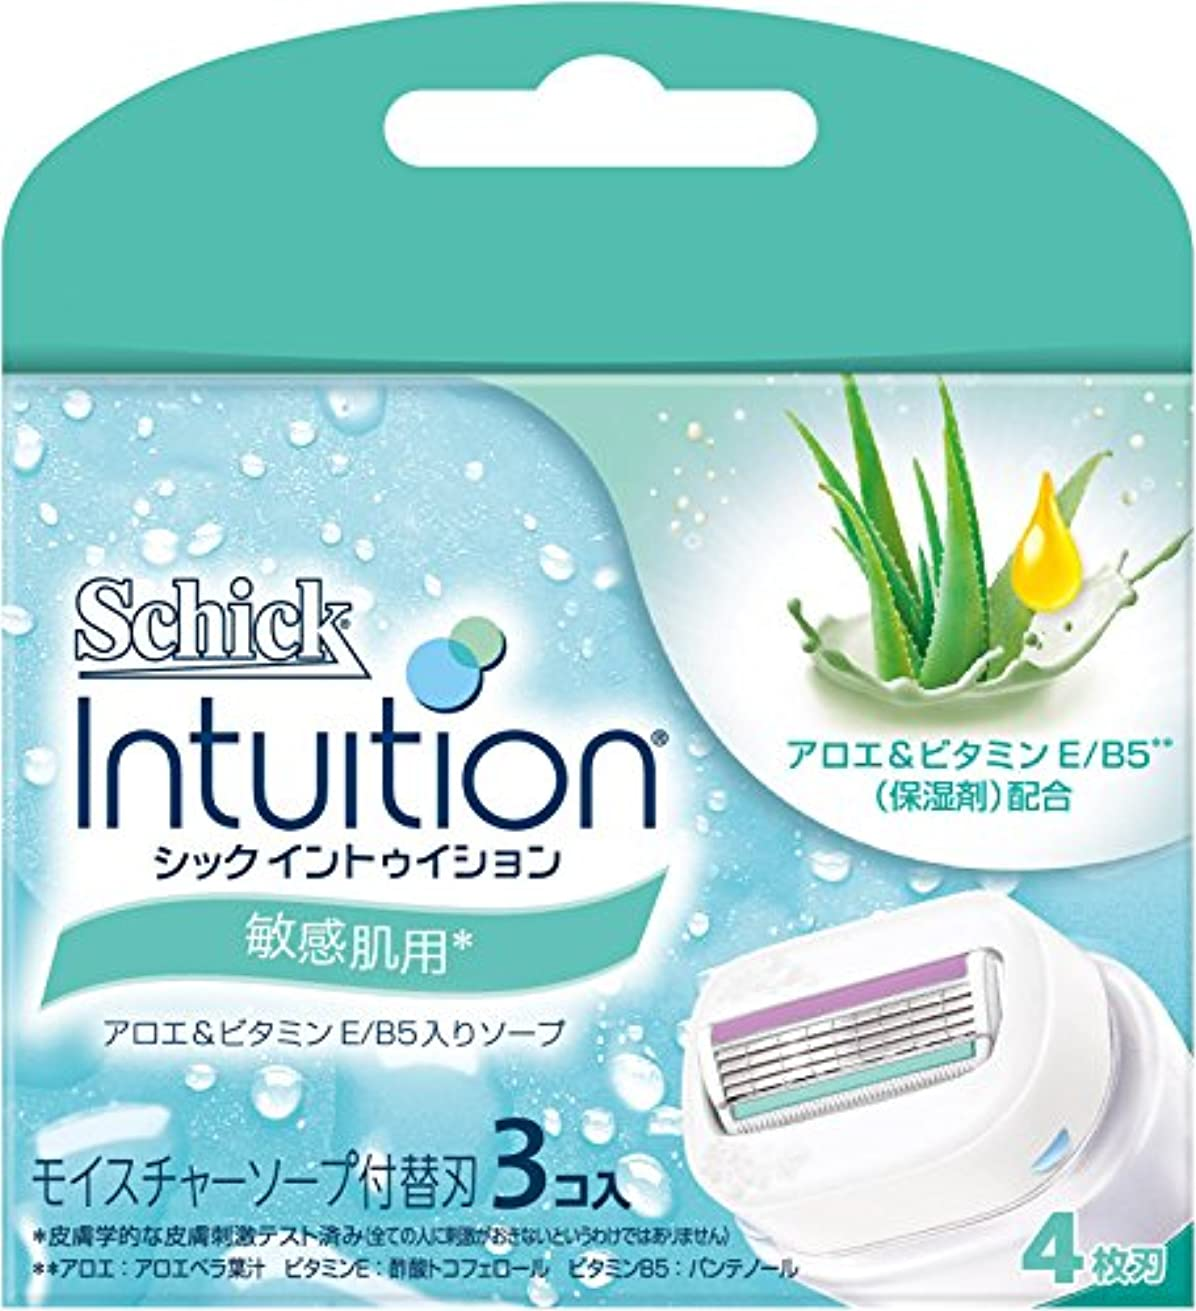 娯楽差し迫った繊維シック Schick イントゥイション 替刃 女性用 カミソリ 敏感肌用(3コ入)